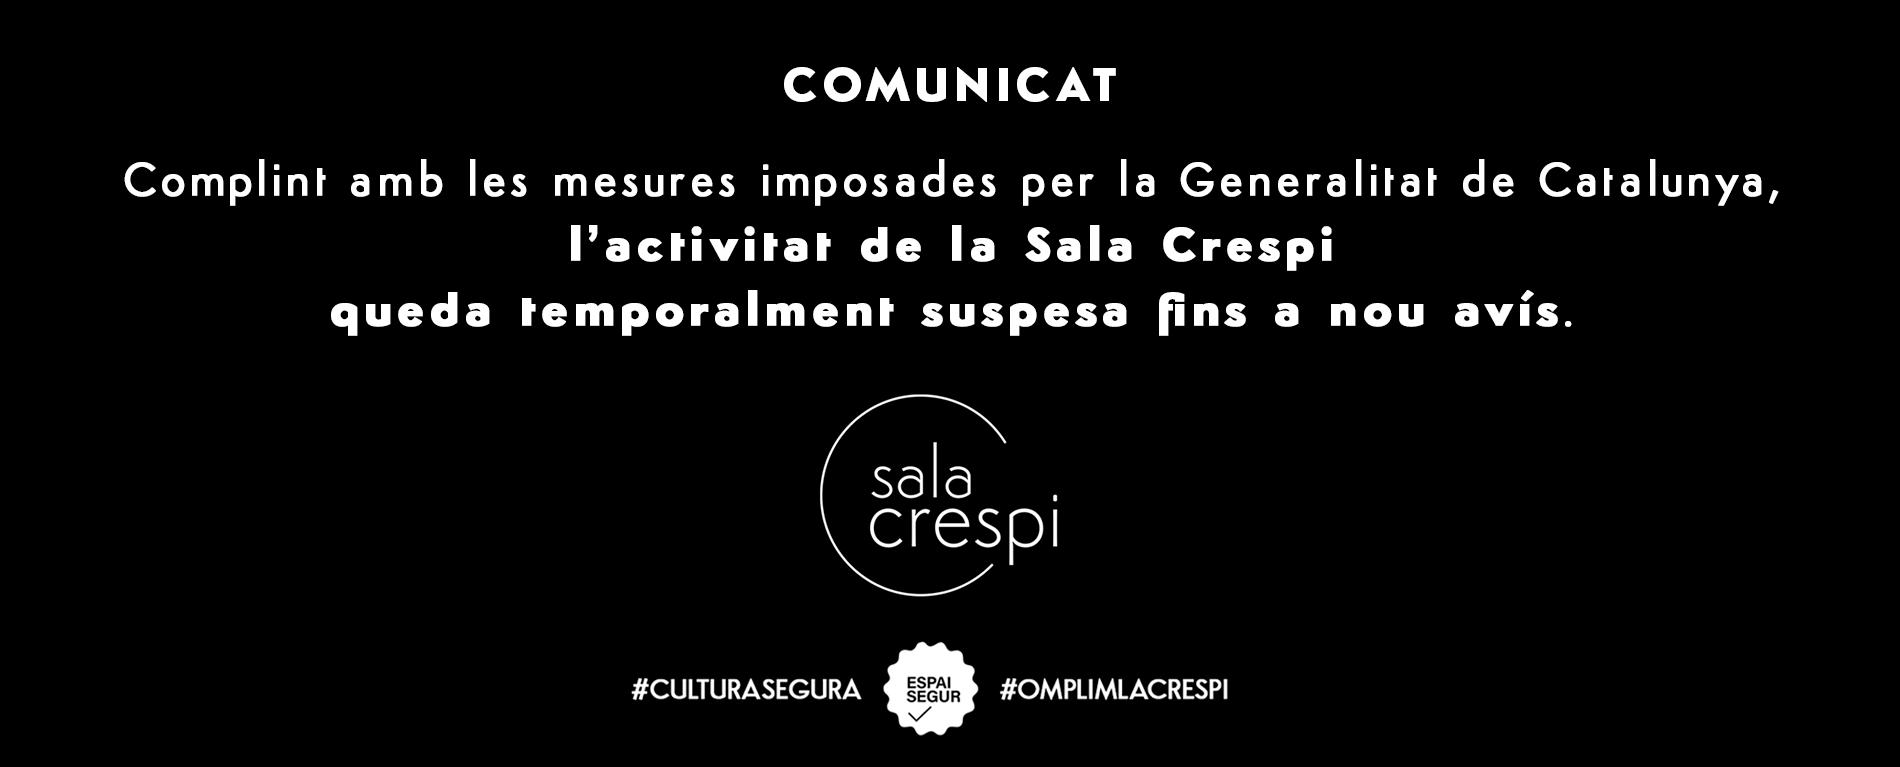 comunicat_SalaCrespi